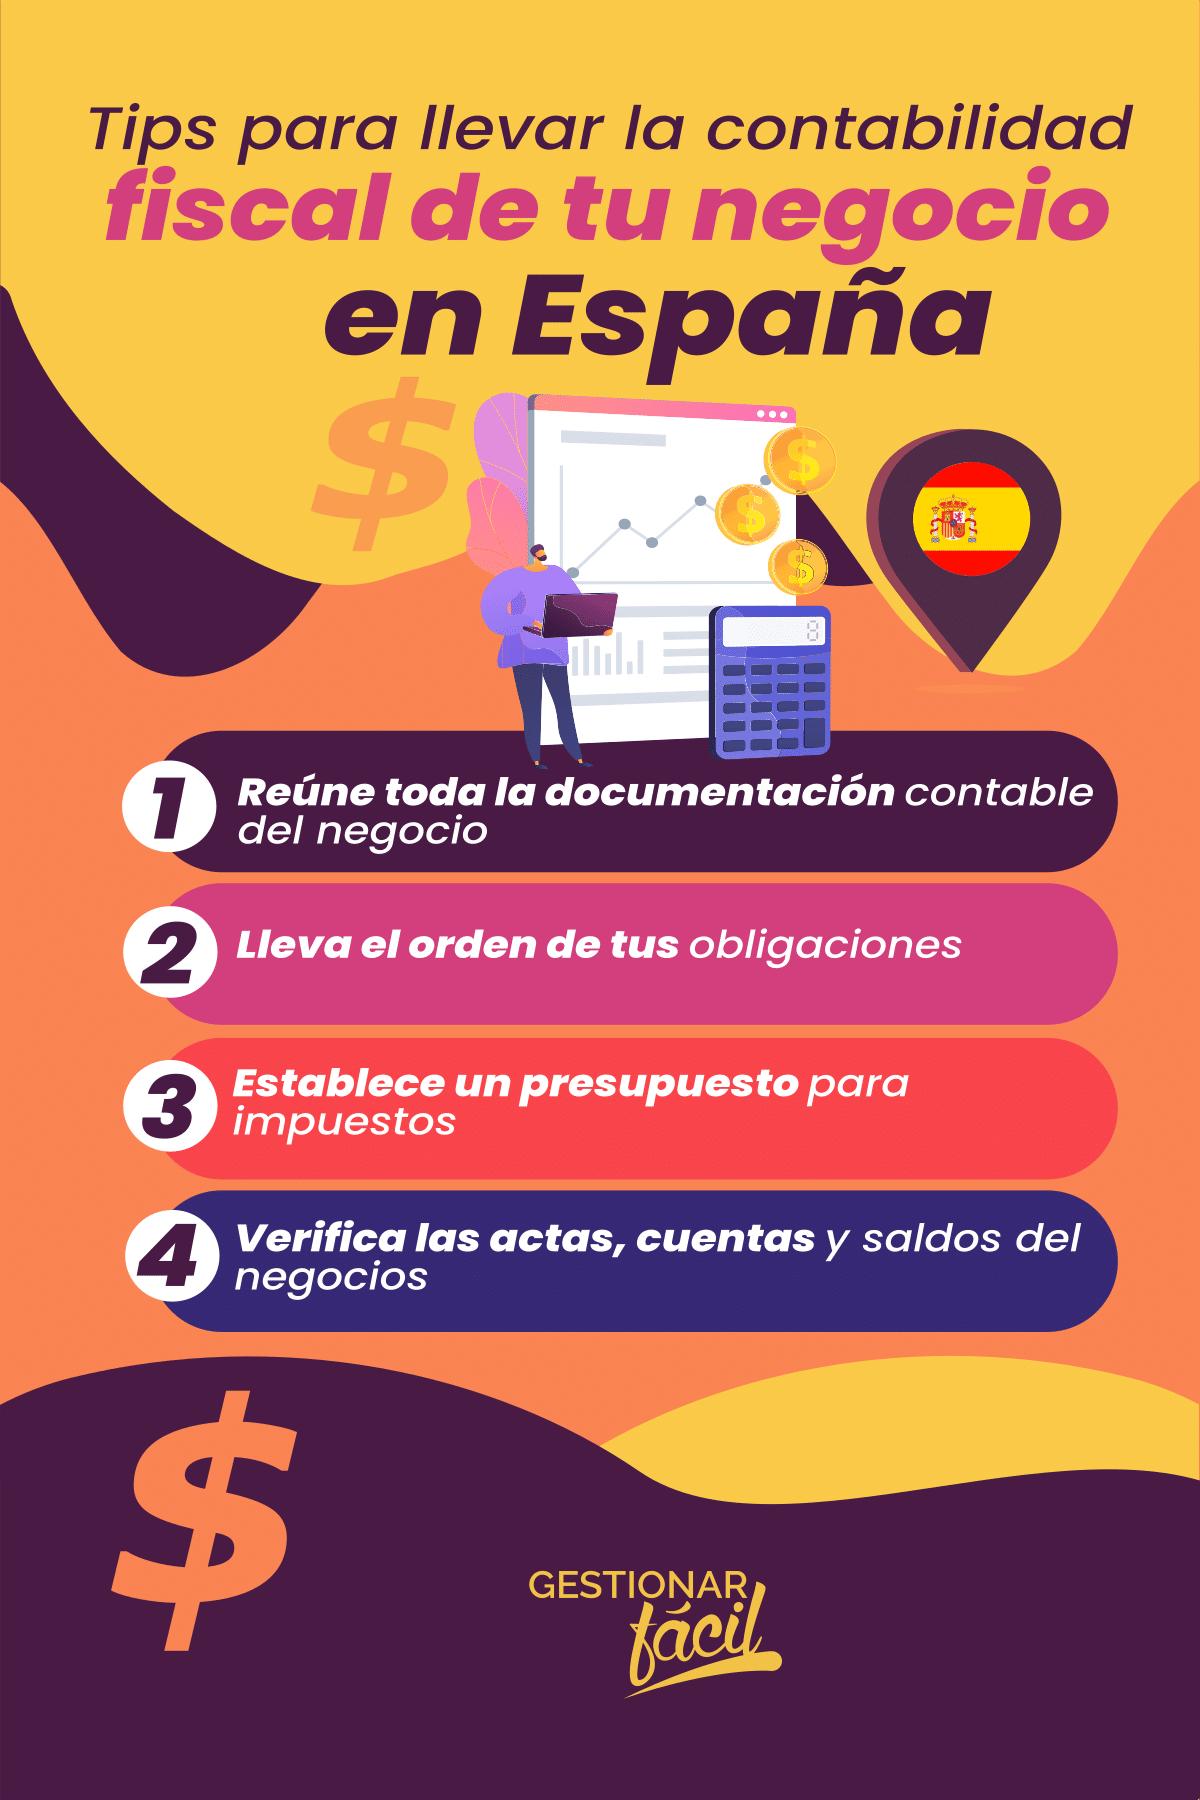 Tips para llevar la contabilidad fiscal de tu negocio en España